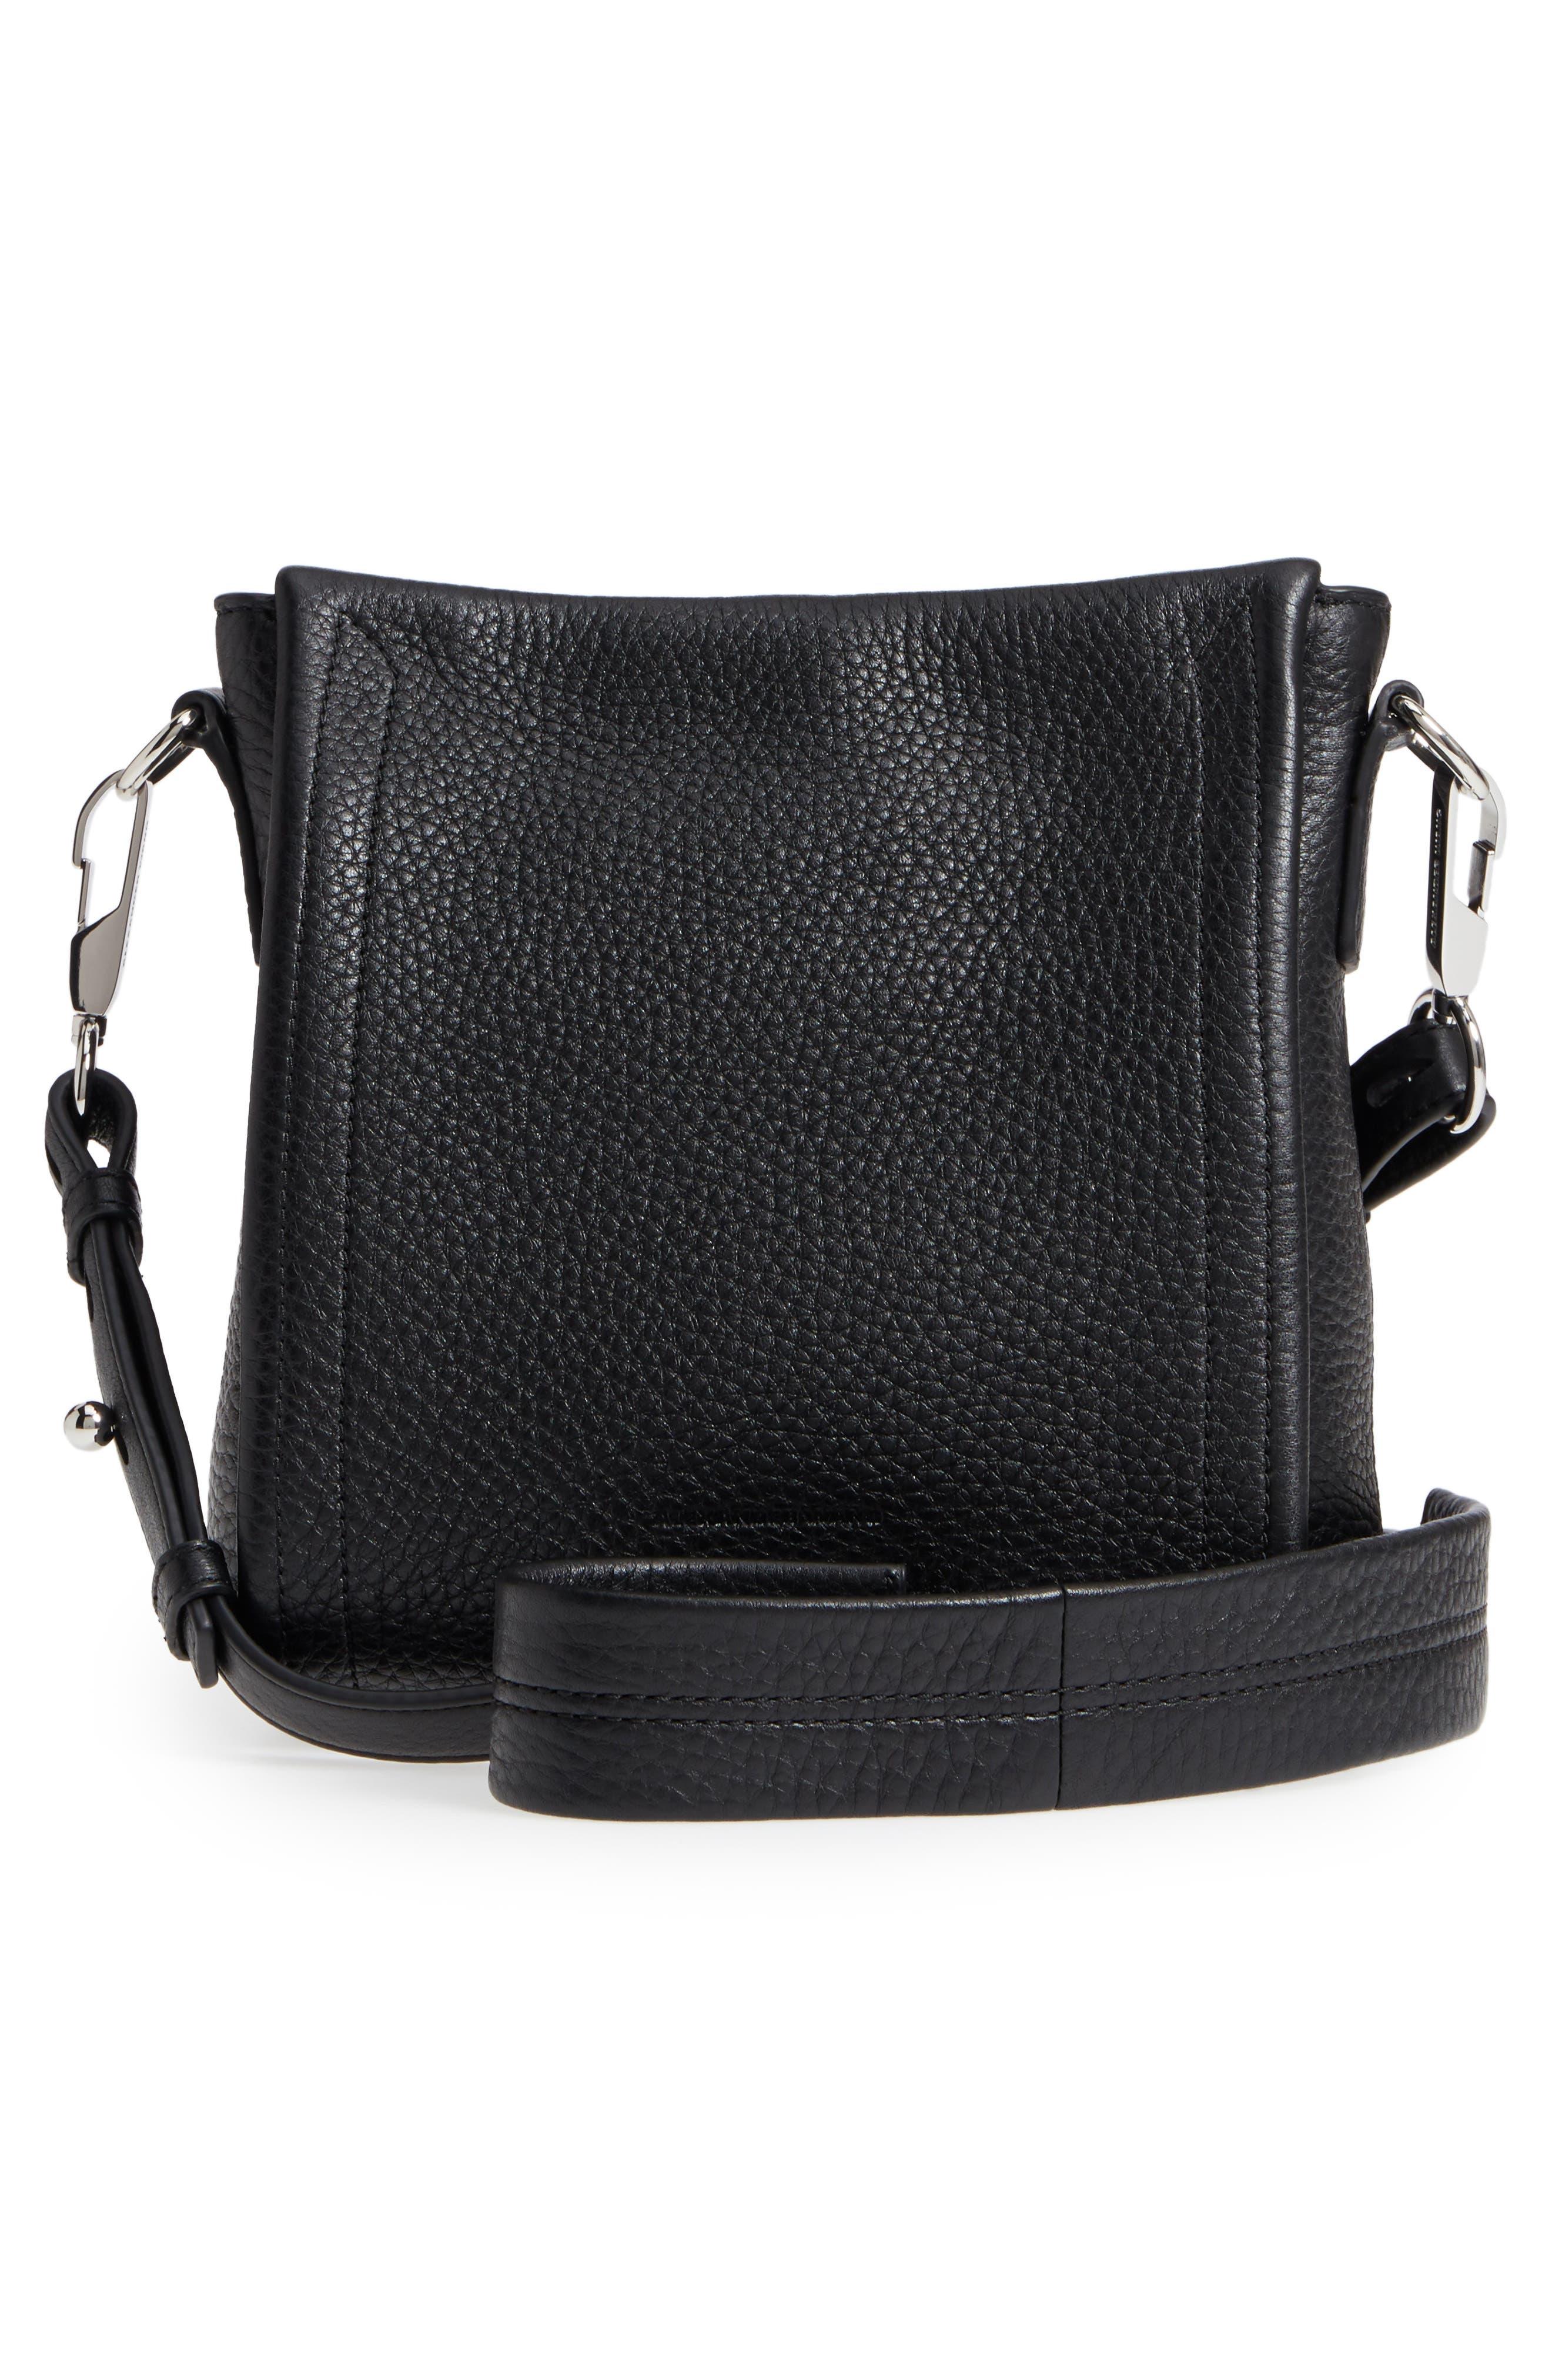 Alternate Image 3  - Alexander Wang Mini Darcy Leather Shoulder Bag